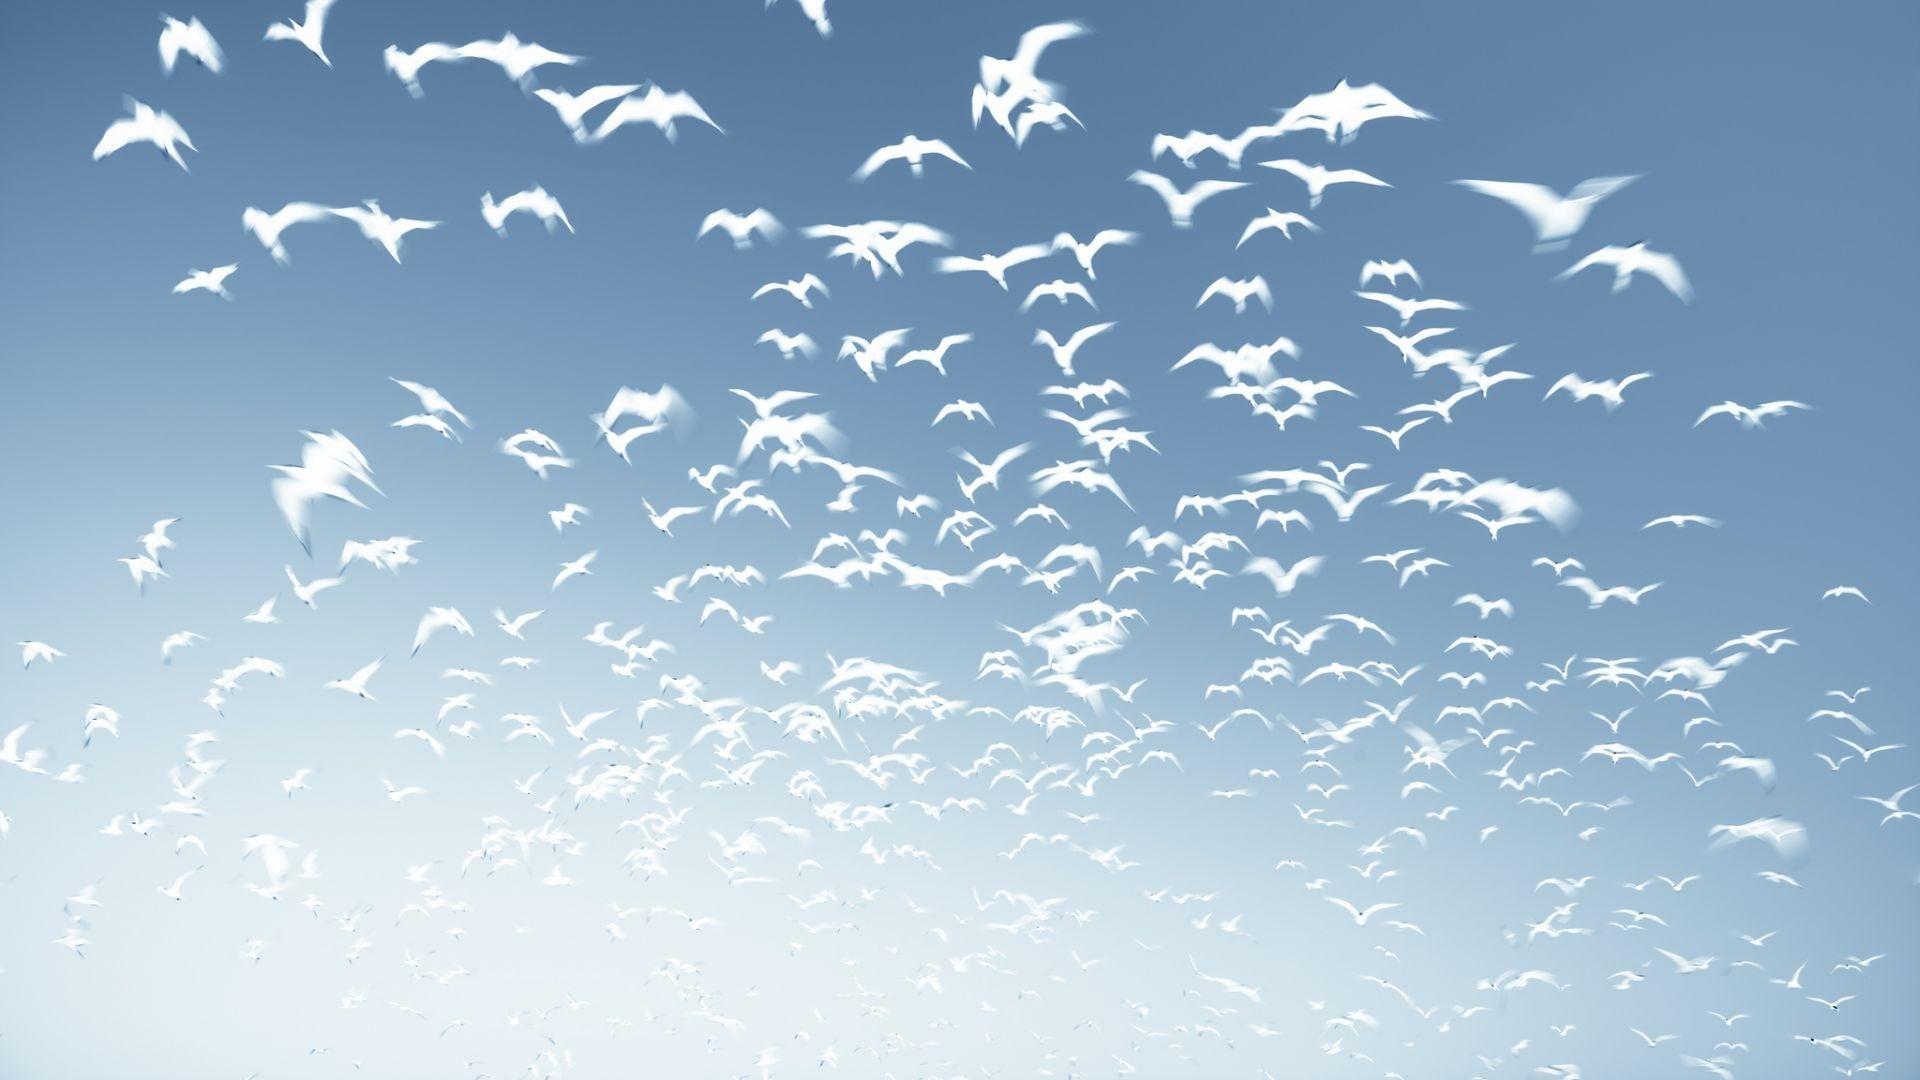 Wedge Birds In The Sky wallpaper for desktop